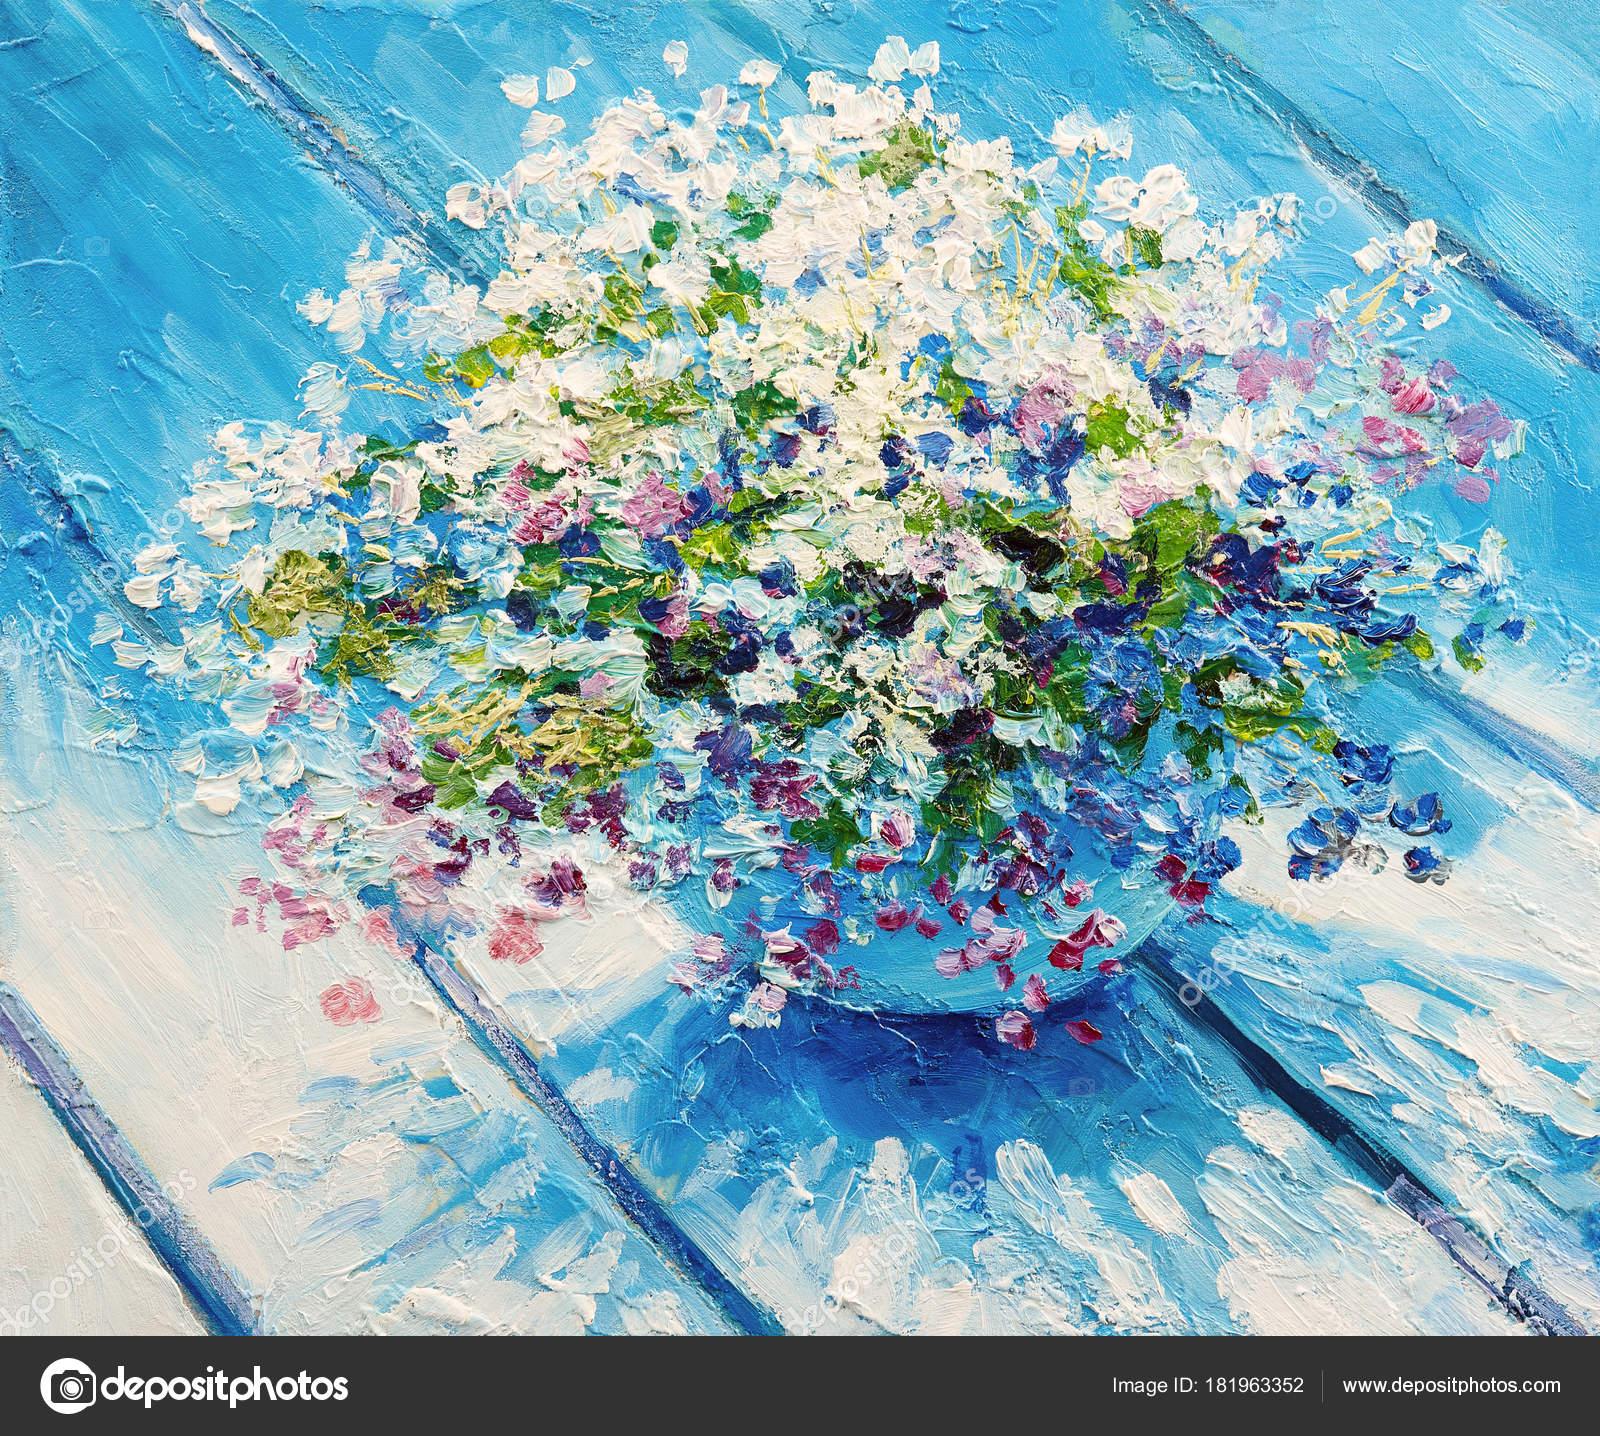 Obraz Olejny Płótnie Martwa Natura Kwiaty Impresjonizm Kompozycji